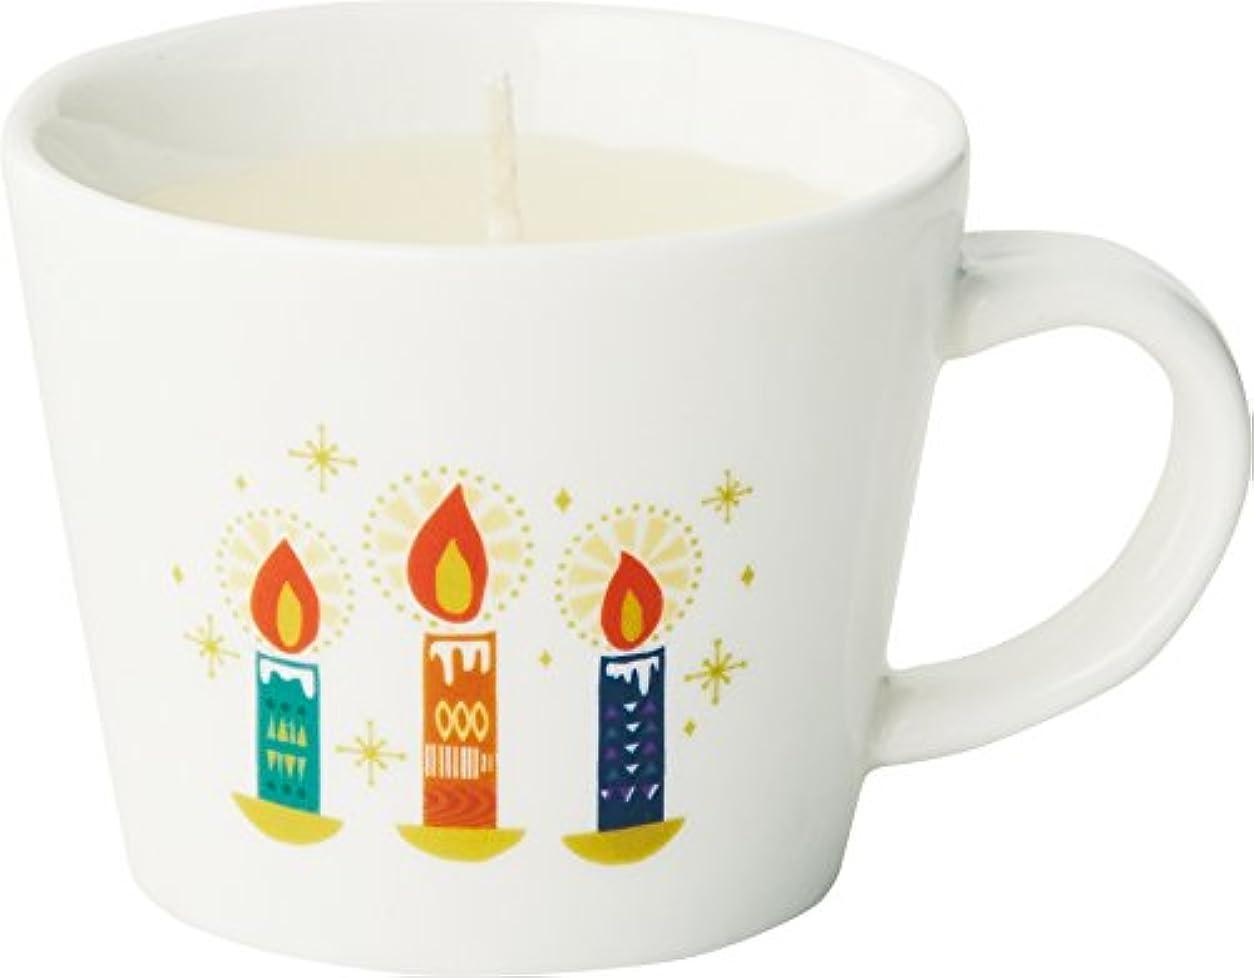 鎮痛剤反響するハンサムカメヤマキャンドルハウス HYGGE ヒュッゲ マグカップキャンドル キャンドル(ホットミルクの香り)